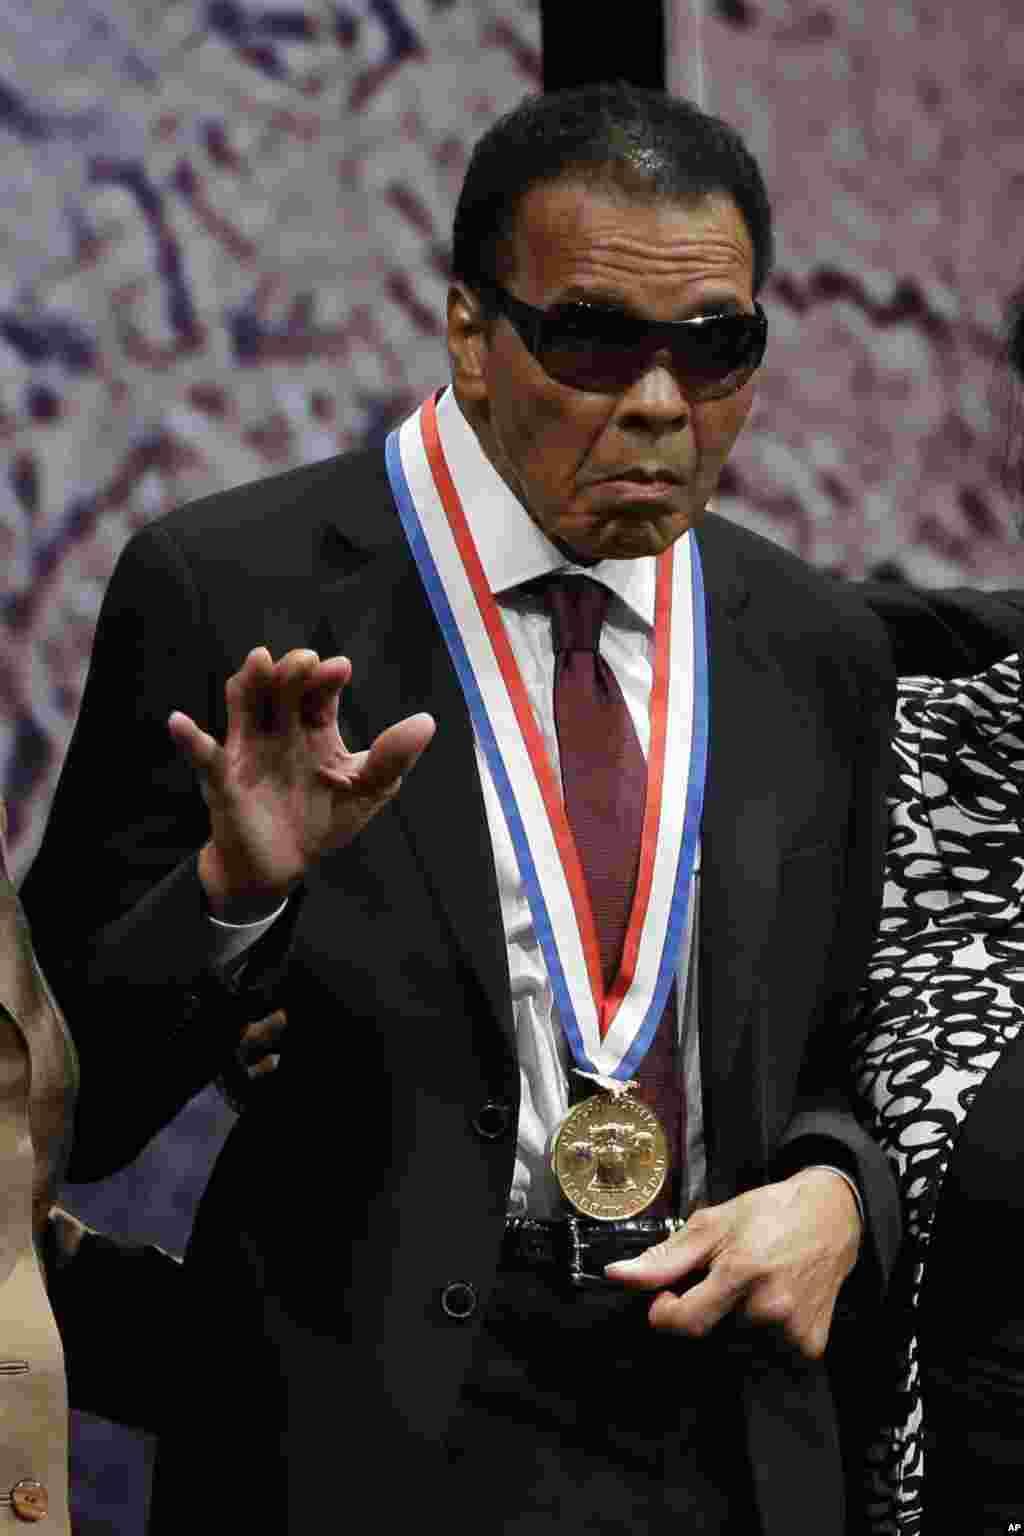 រូបឯកសារ៖ ជើងឯកកីឡាប្រដាល់លោក Muhammad Ali ចូលនិវត្តន៍បក់ដៃ បន្ទាប់ពីលោកបានទទួលមេដាយ Liberty Medal សម្រាប់ស្នាដៃមនុស្សធម៌ នៅអំឡុងពិធីមួយនៅឯ National Constitution Center កាលពីថ្ងៃព្រហស្បតិ៍ កាលពីថ្ងៃទី១៣ ខែកញ្ញា ឆ្នាំ២០១២ នៅក្រុង Philadelphia។